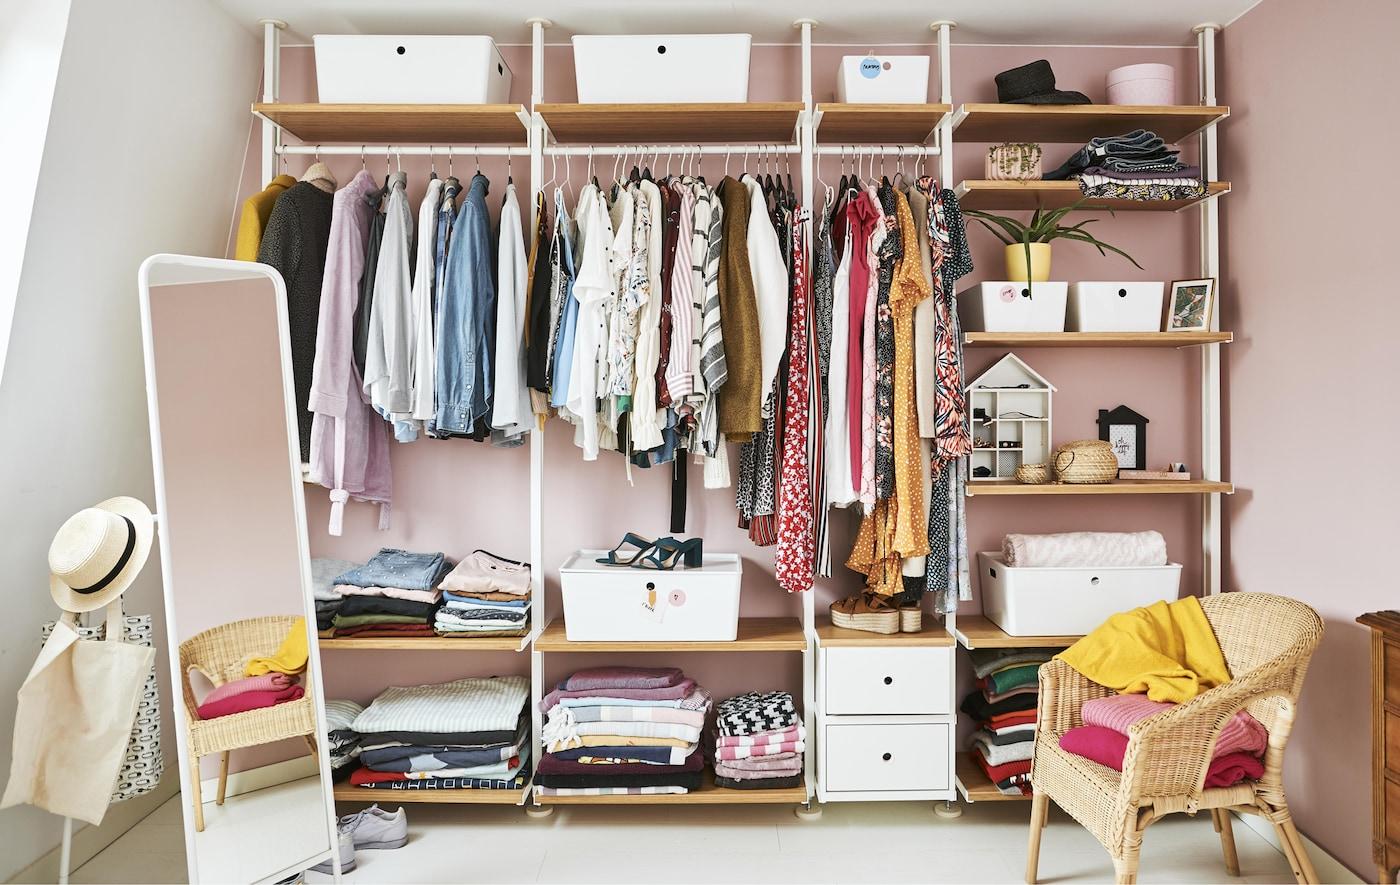 دولاب ملابس مفتوح مليئ بالملابس وسكك التعليق، ورفوف وصناديق أمام جدار وردي.